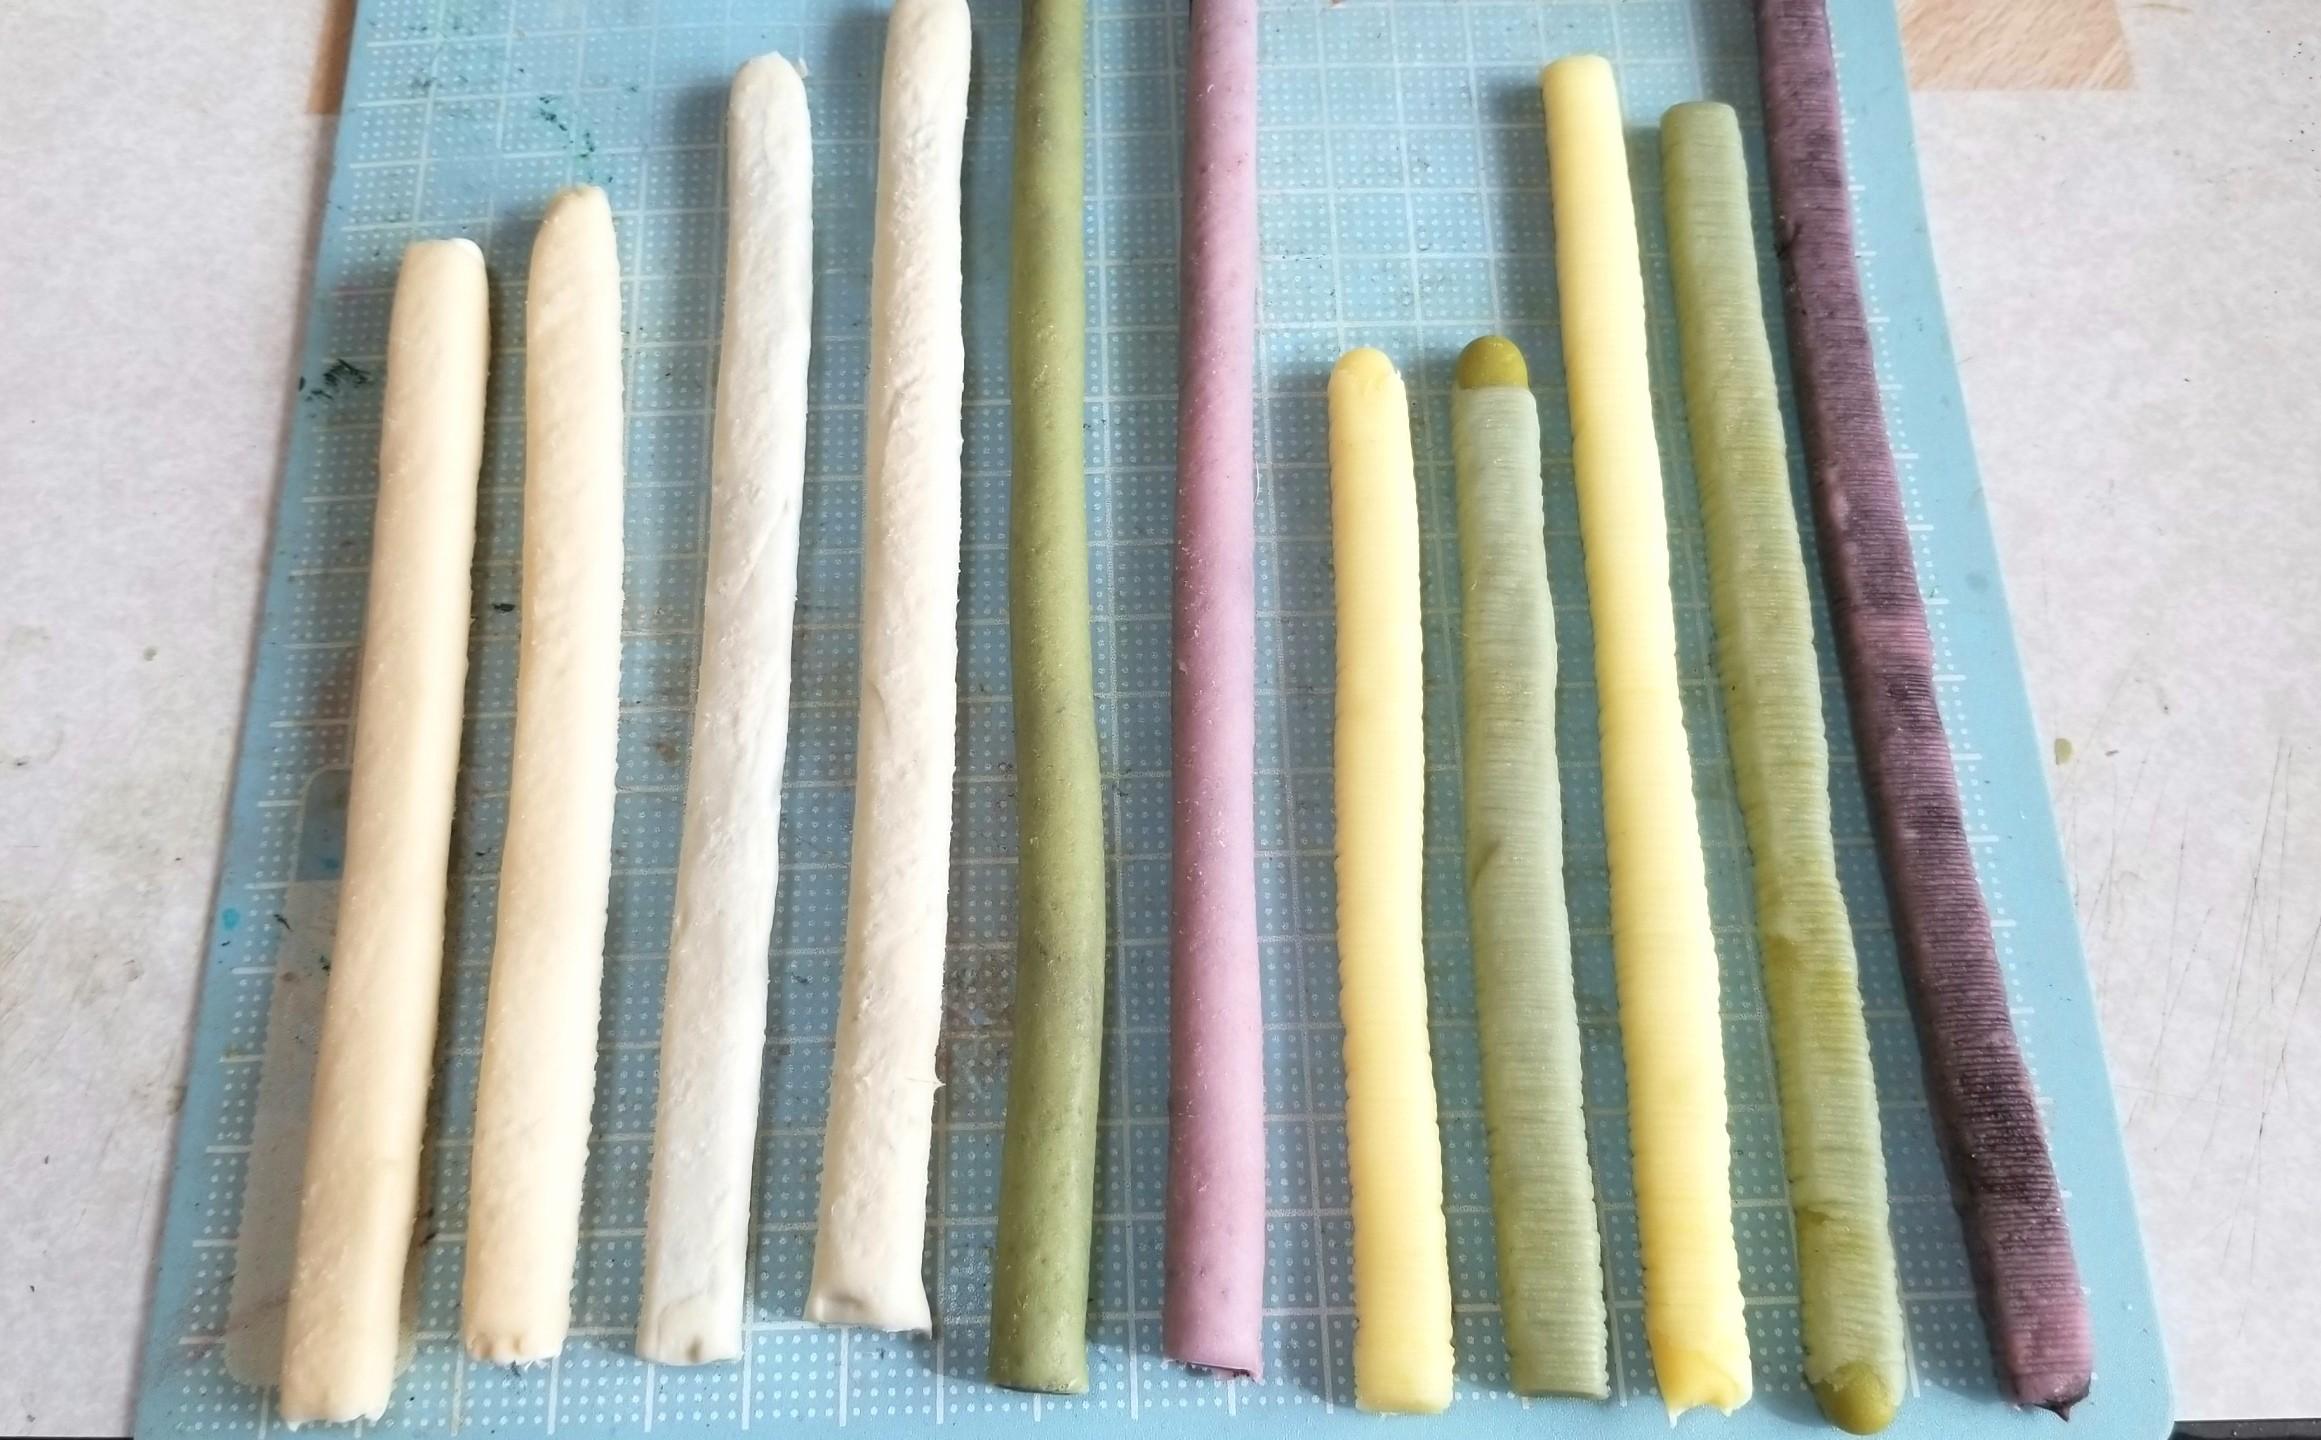 ミニチュア,和菓子,作り方,餡,ロール,あんこ,カステラ,羊羮,樹脂粘土